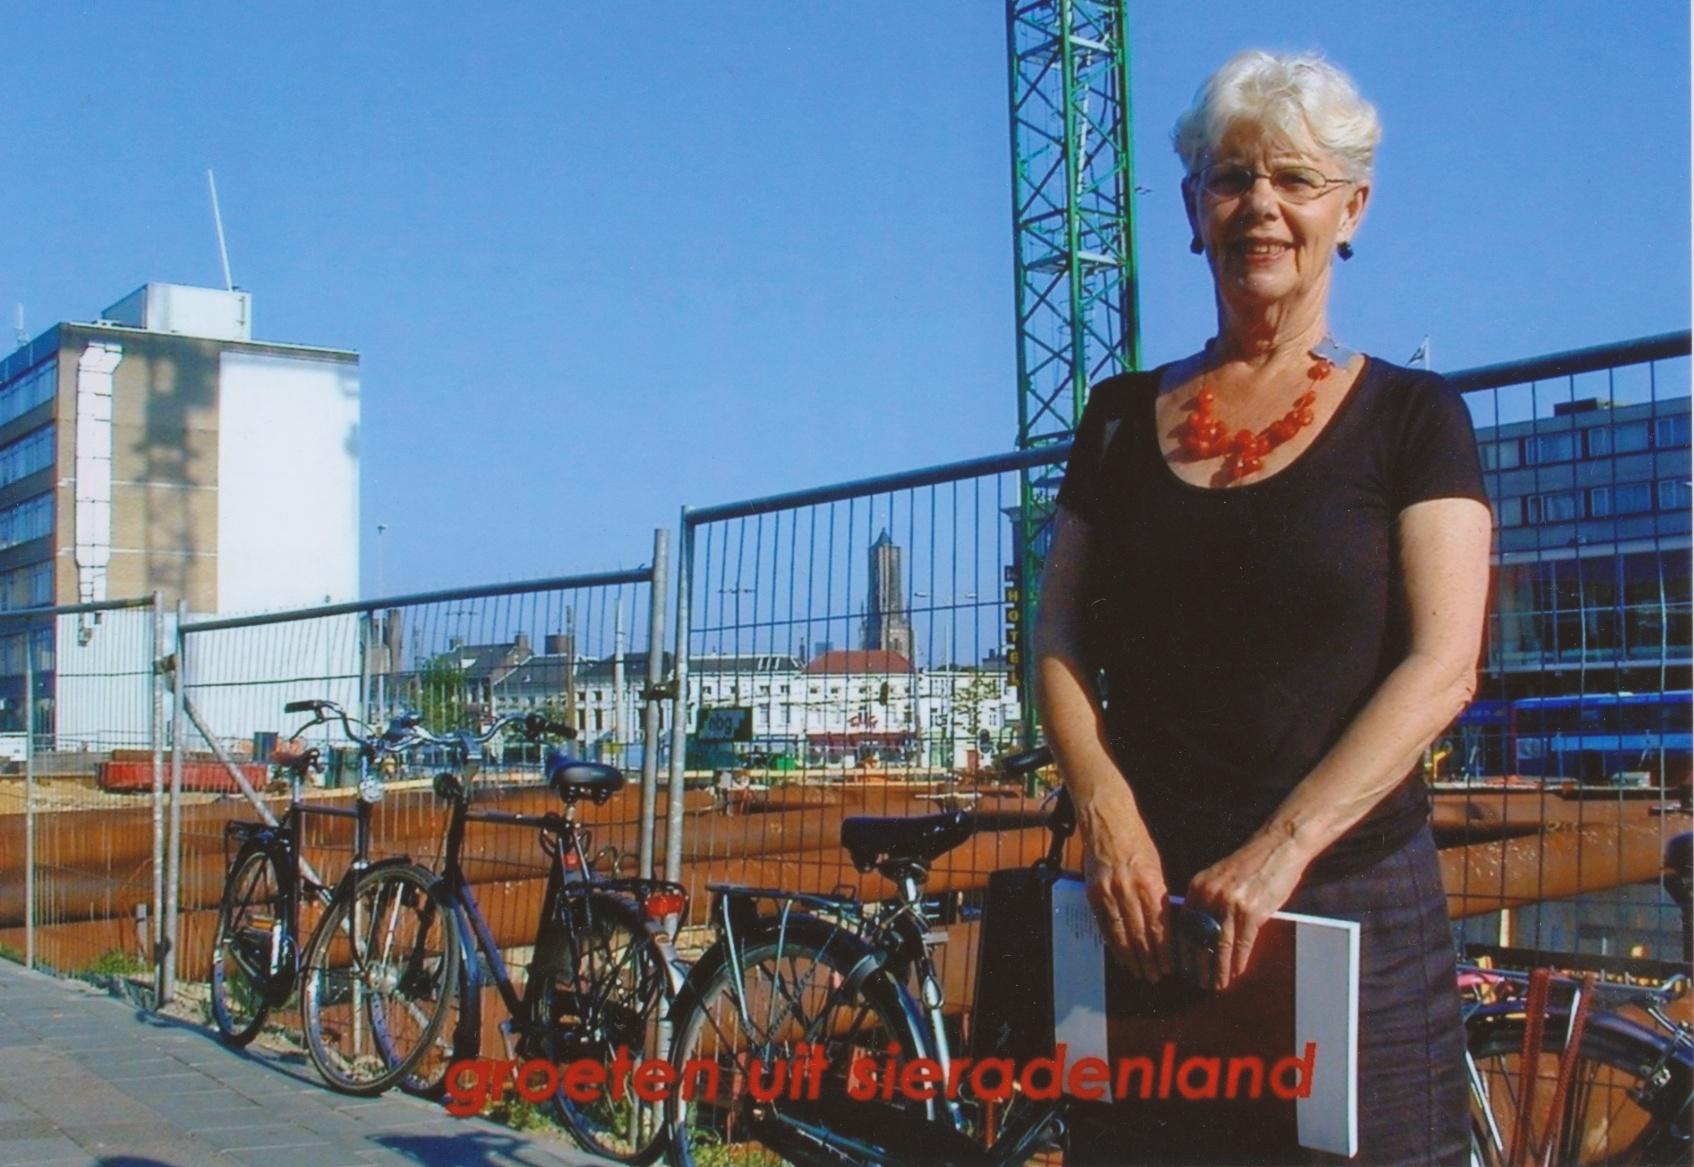 Claartje Keur, Zelfportret met halssieraad van Stephanie Jendis, Arnhem, stationsgebied, 2004. Foto Claartje Keur